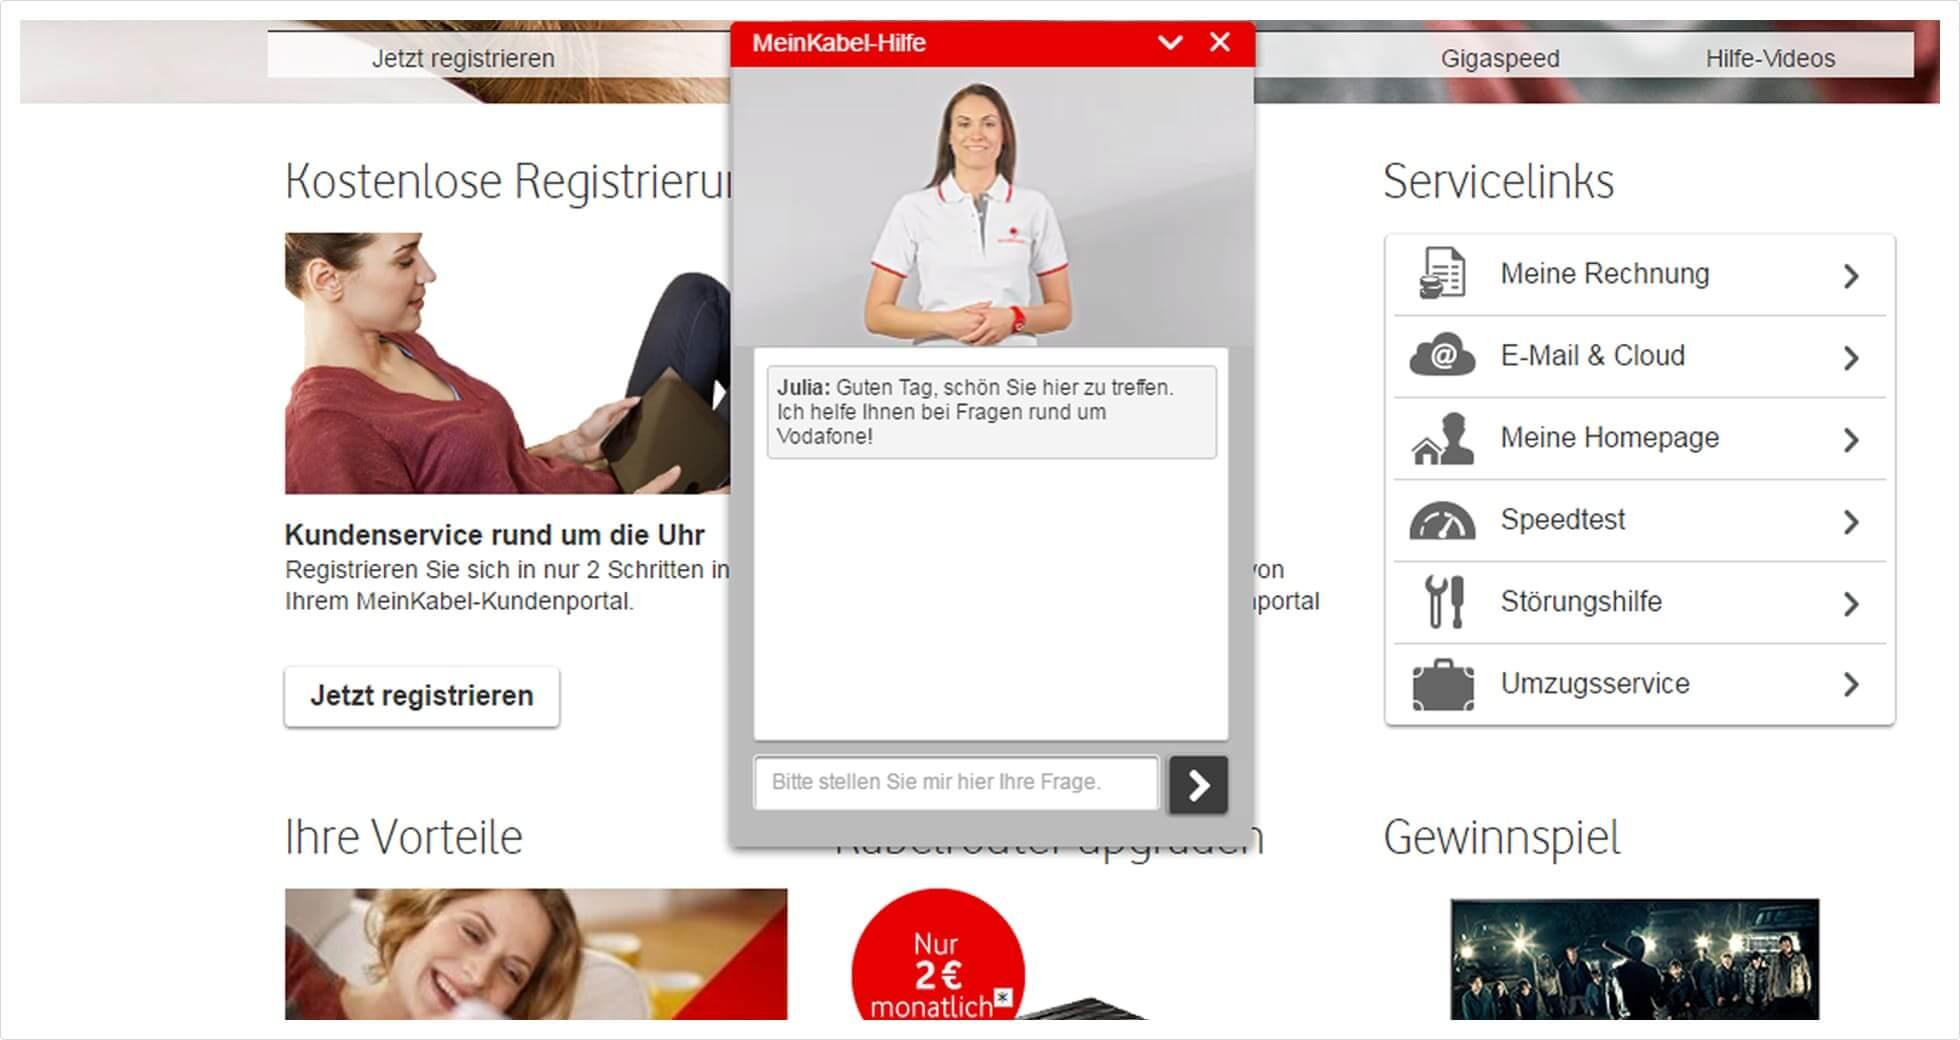 обучаемый бот Джулия от компании Vodafone